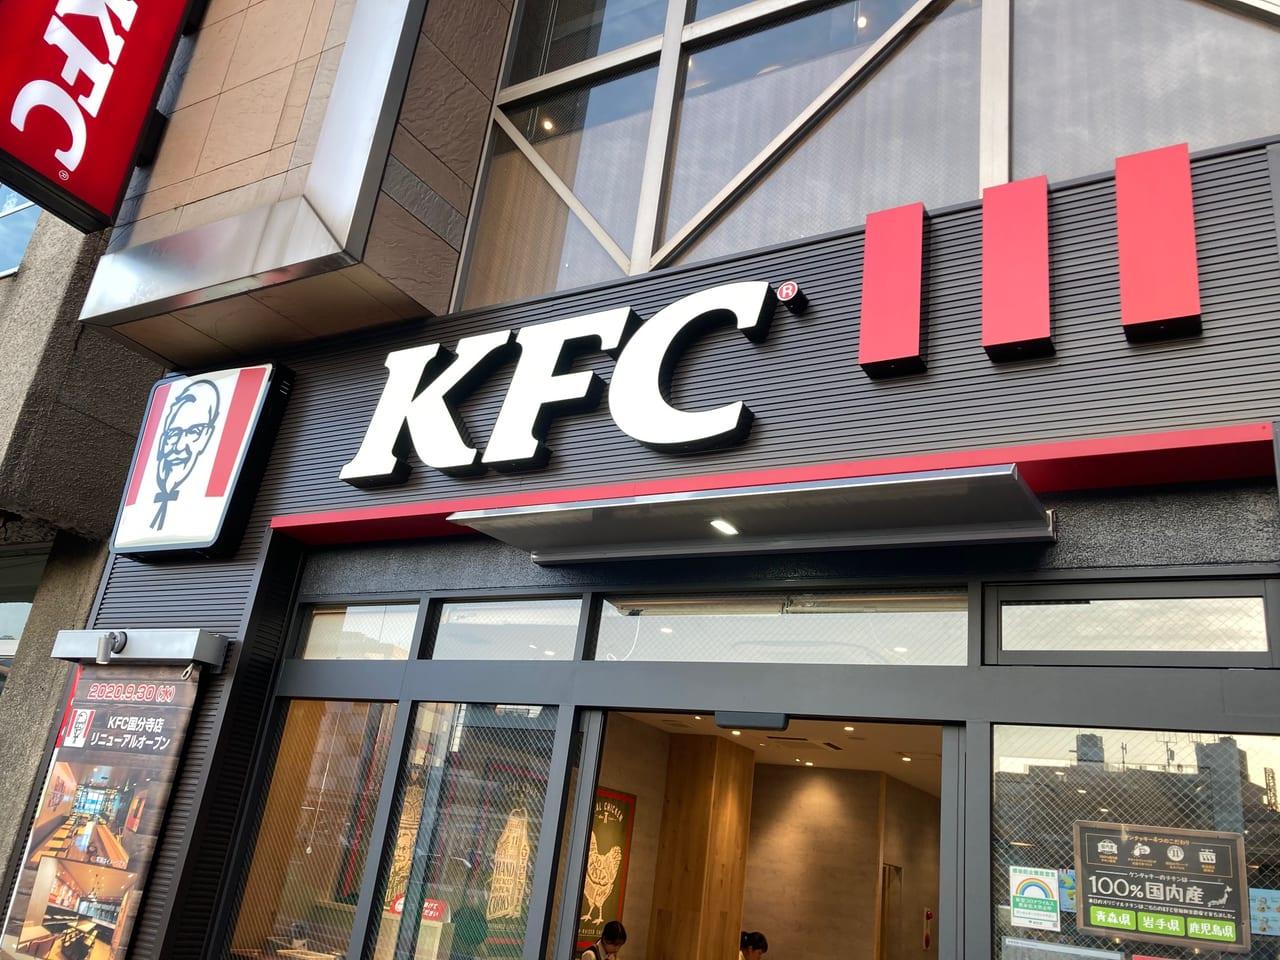 『ケンタッキー五日市街道北町店』が12月下旬オープン予定のようです!場所は?!